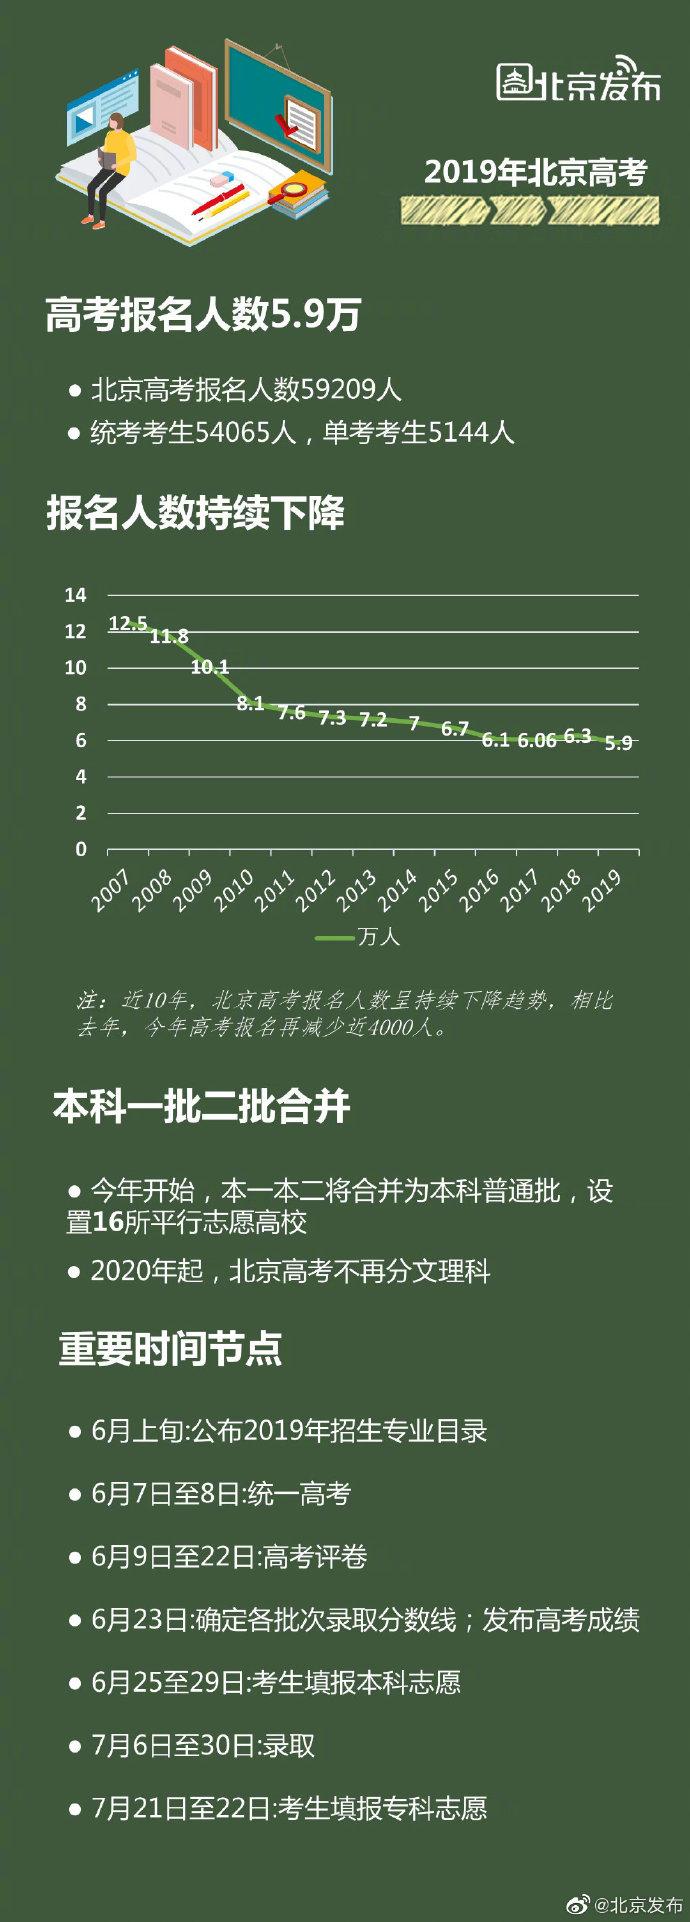 2019年北京高考报名人数5.9万 比去年减少近四千